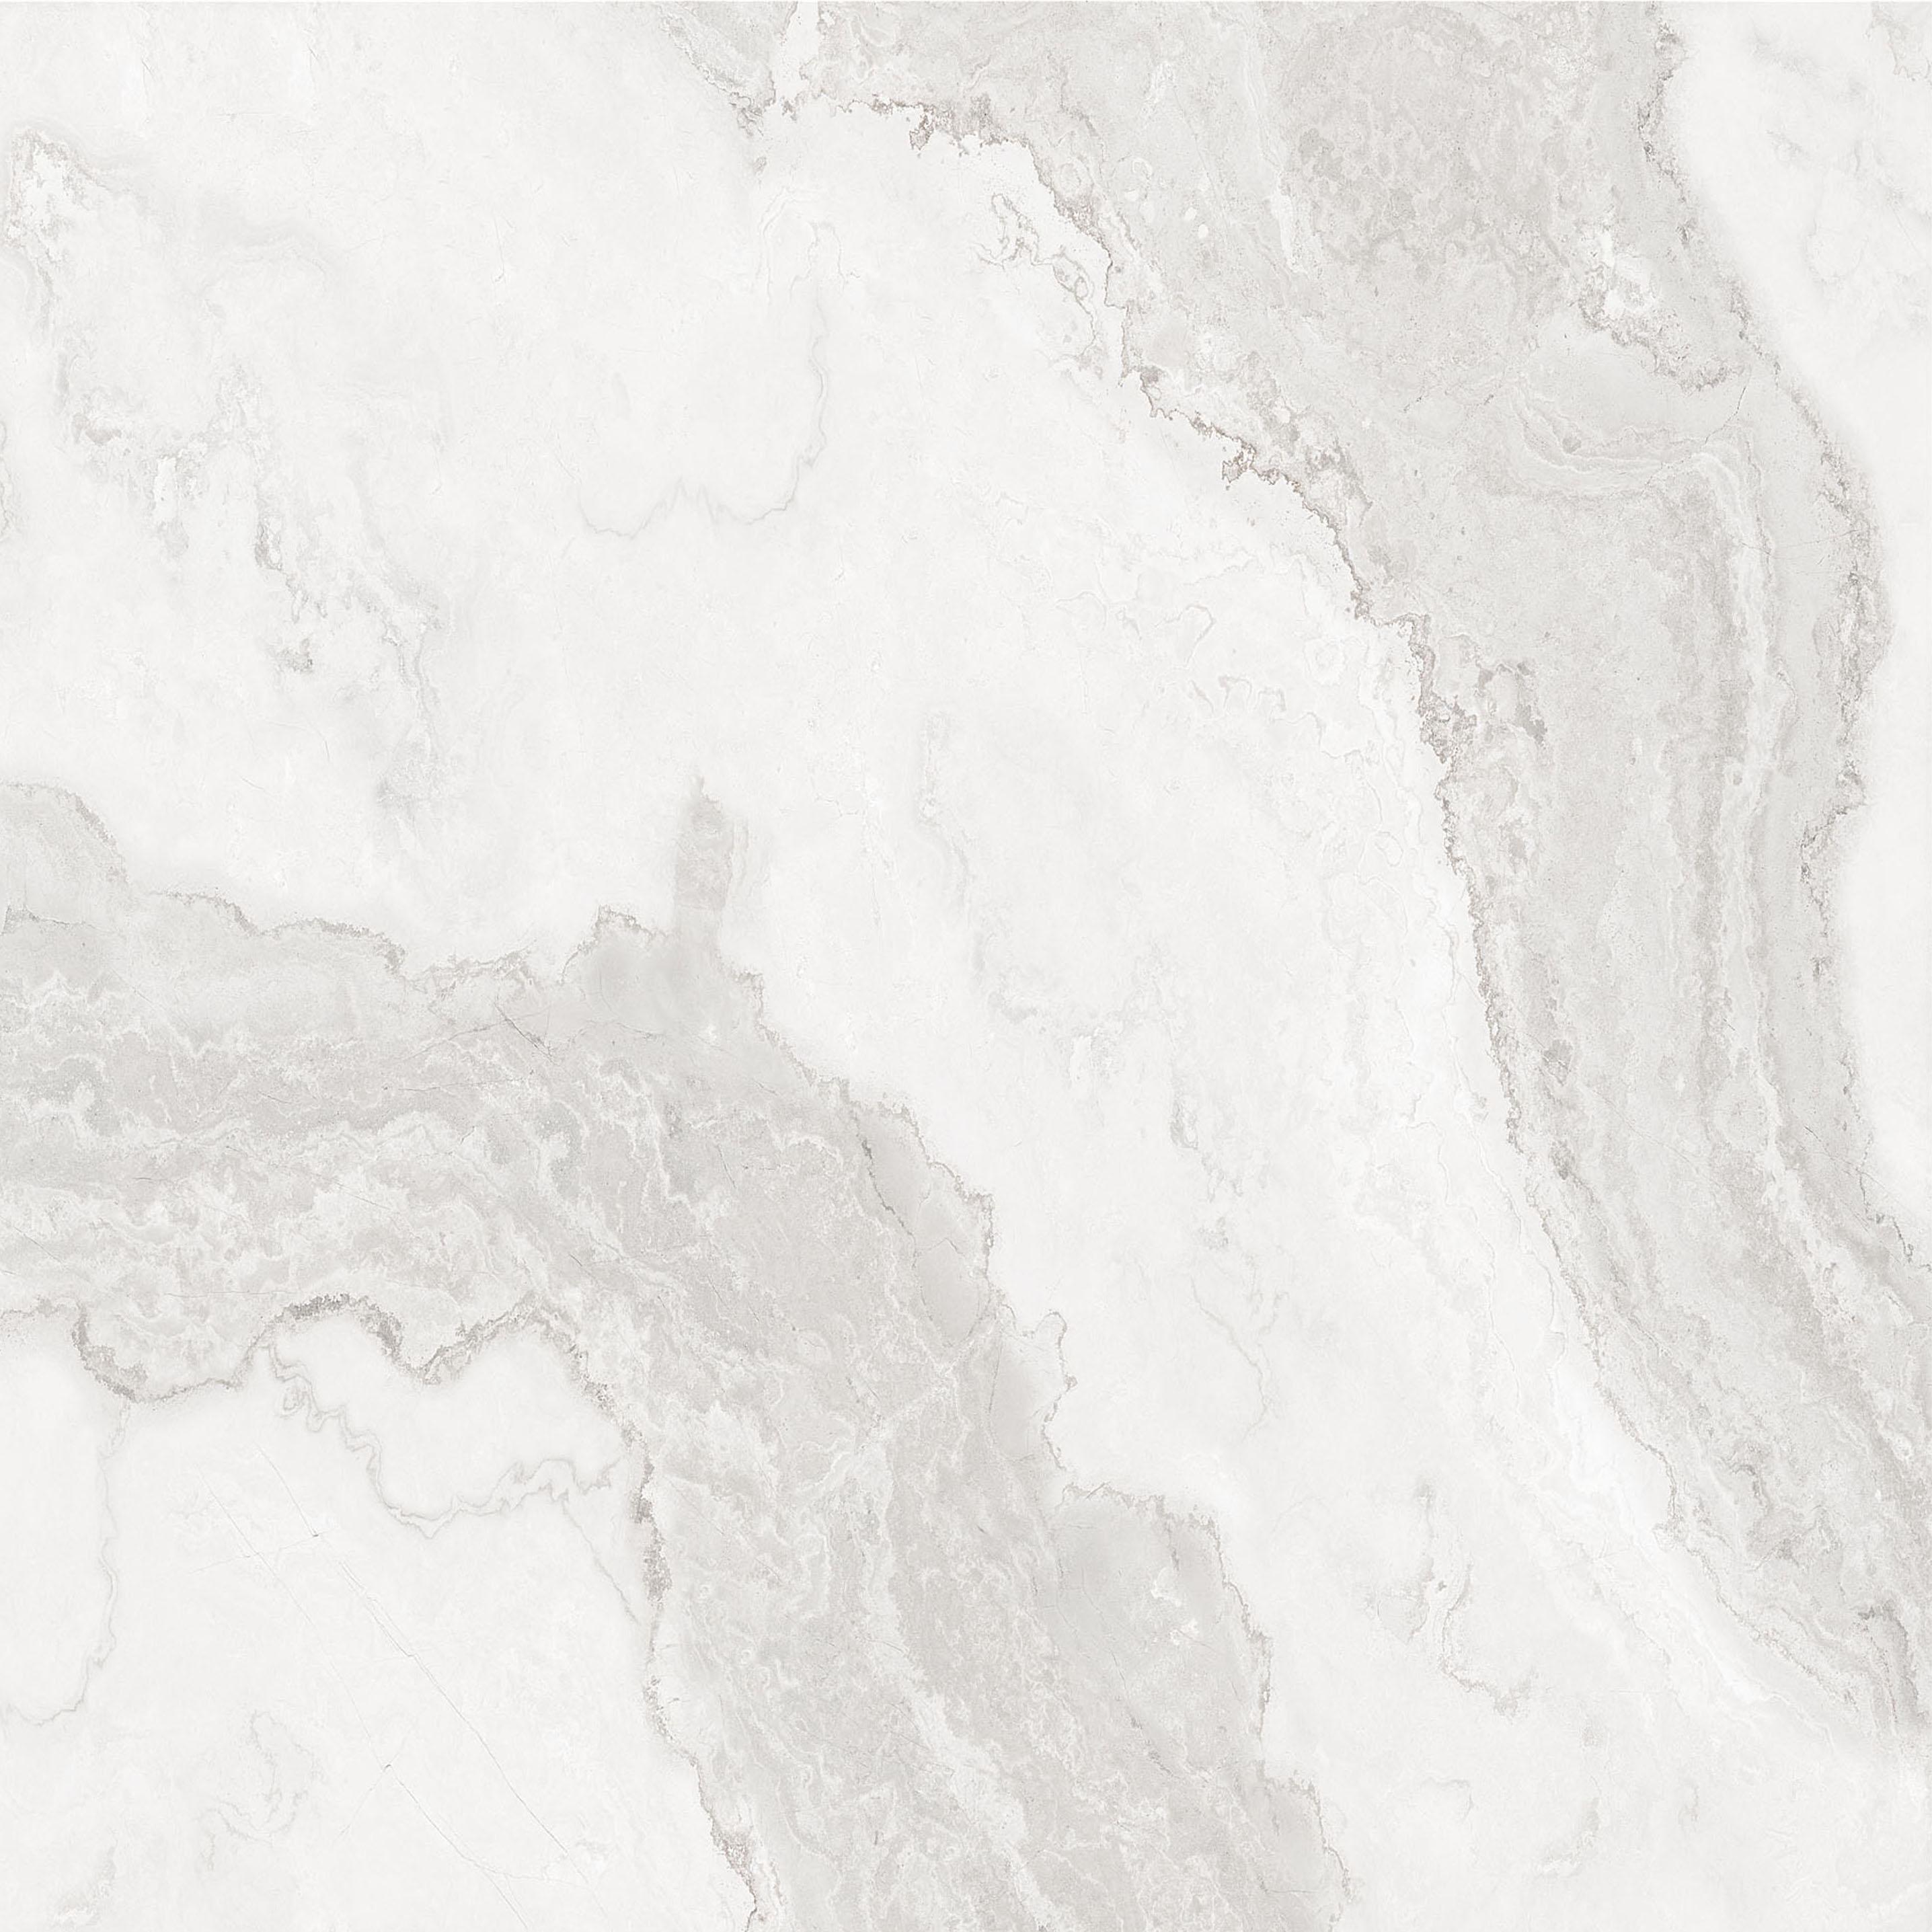 HPAC280722(800x800mm塞纳河)